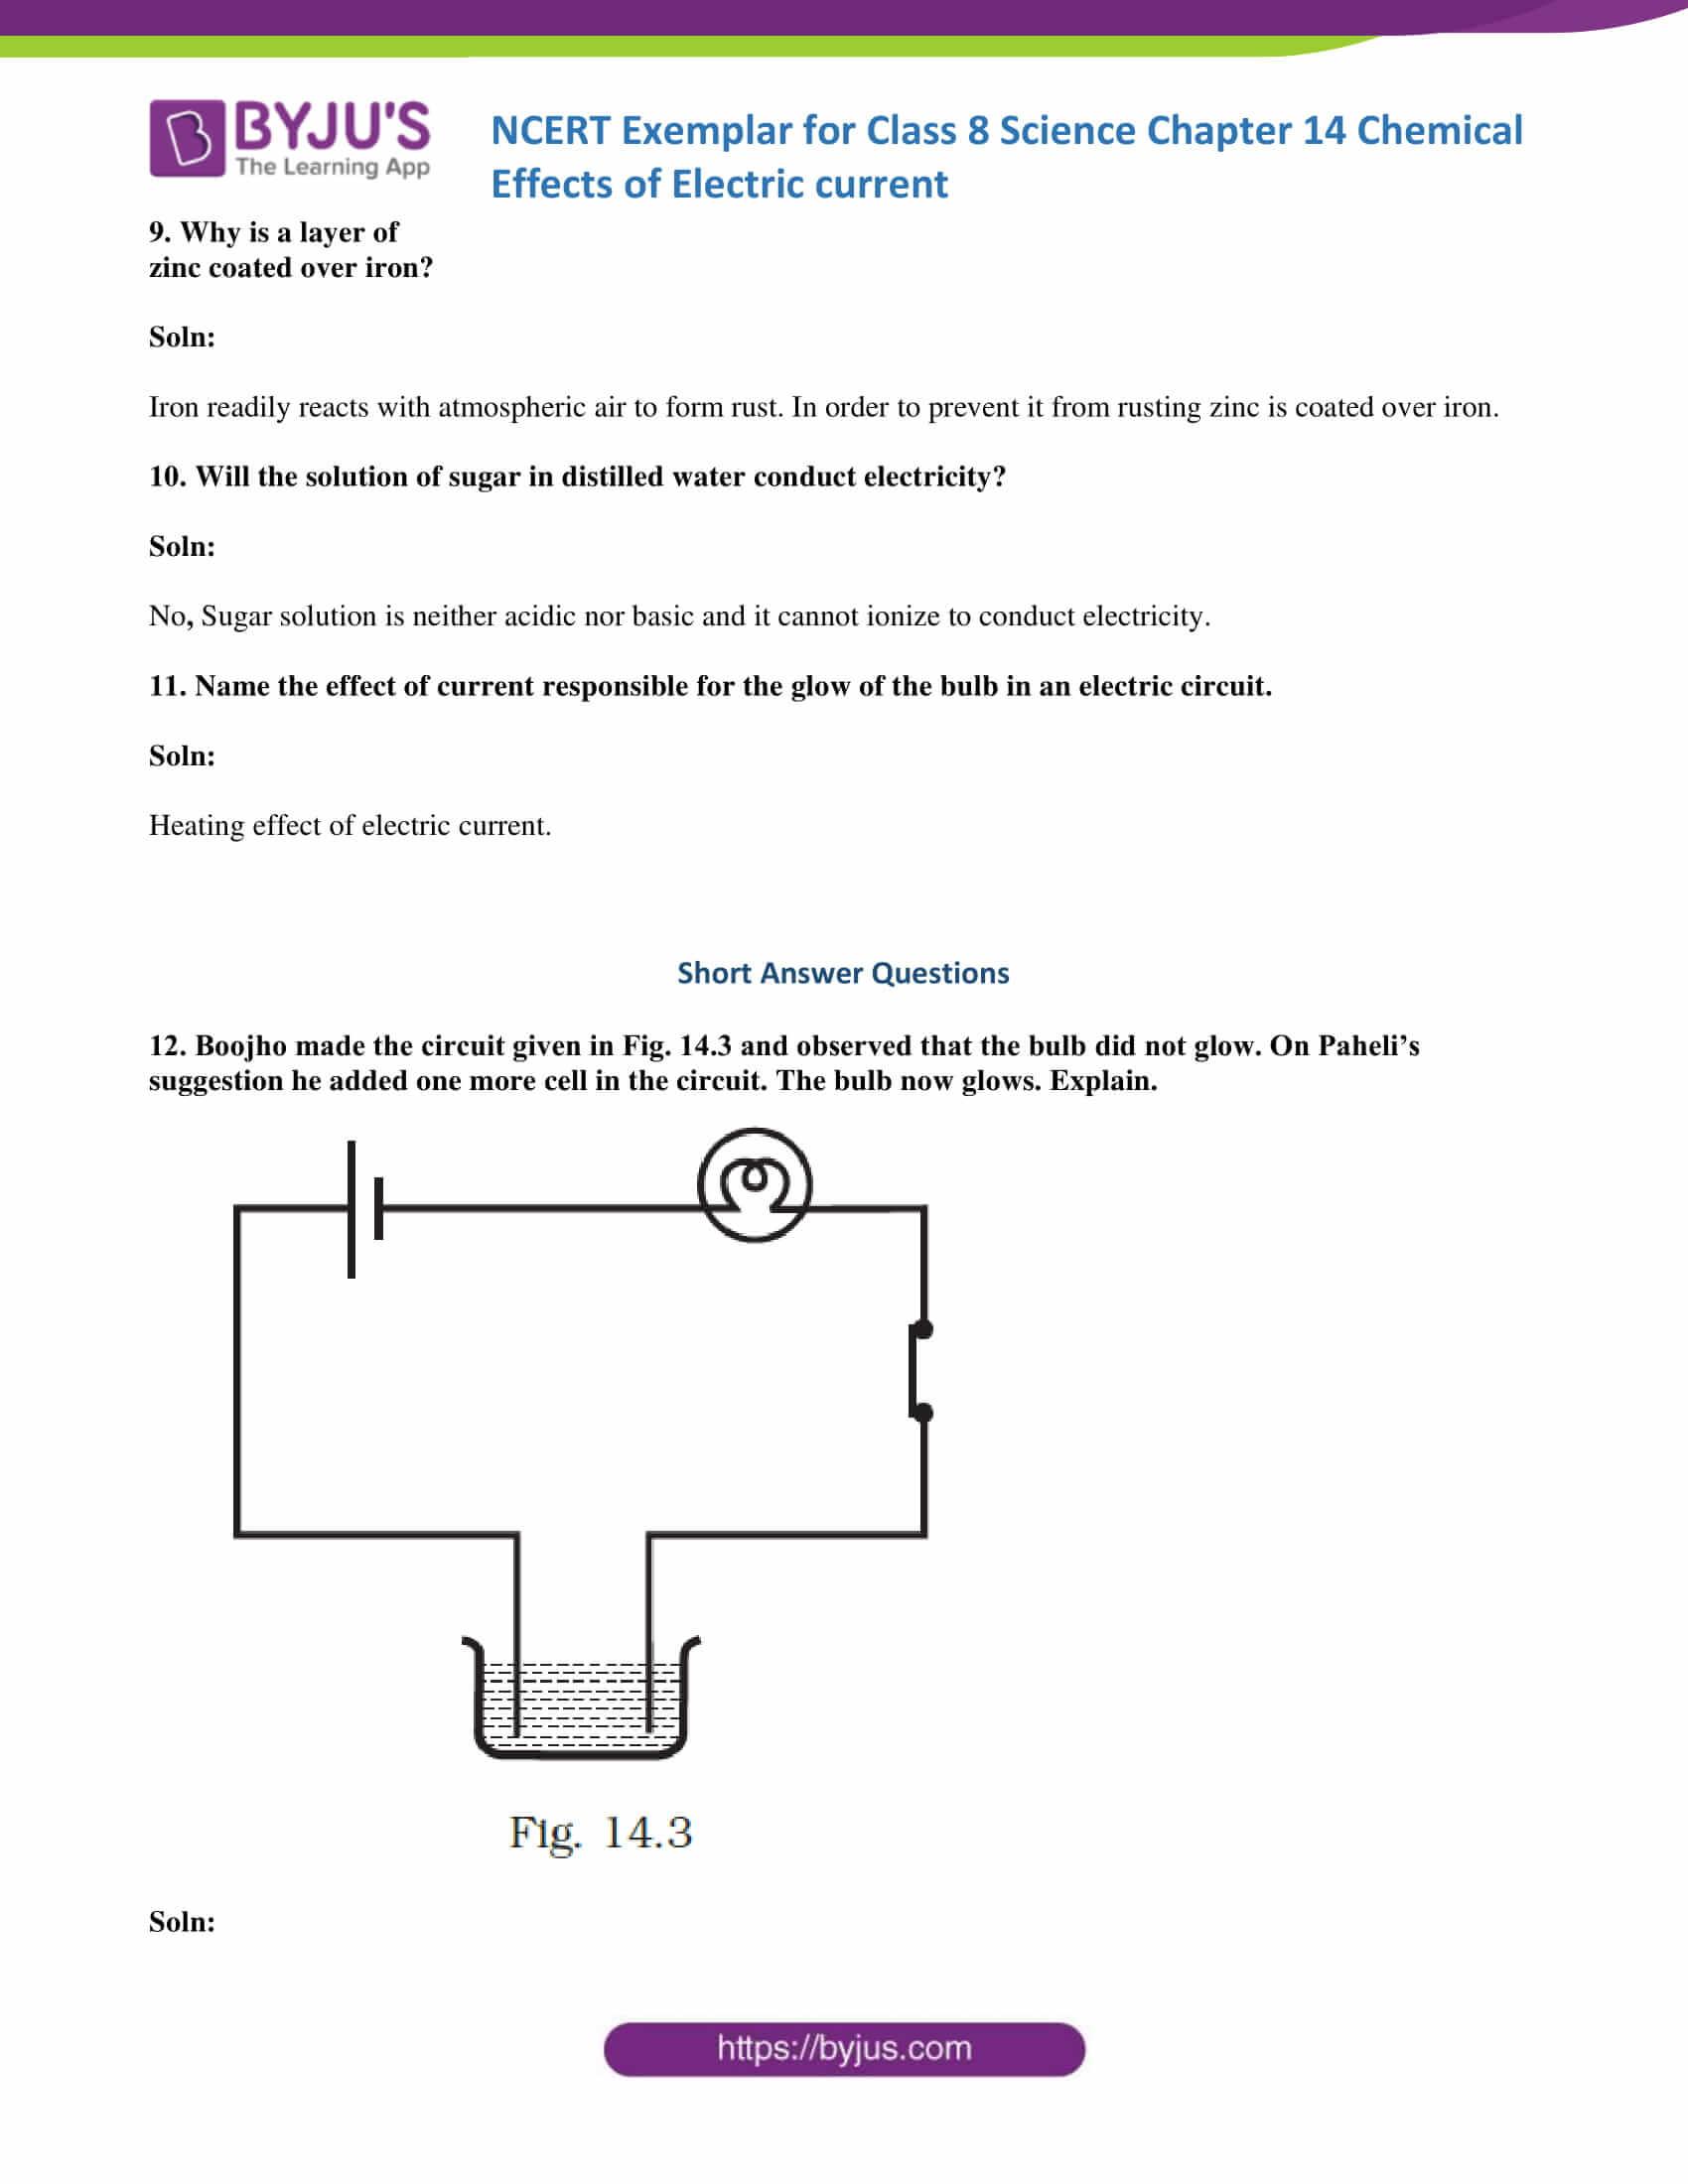 NCERT Exemplar solution class 8 science chapter 14 part 05